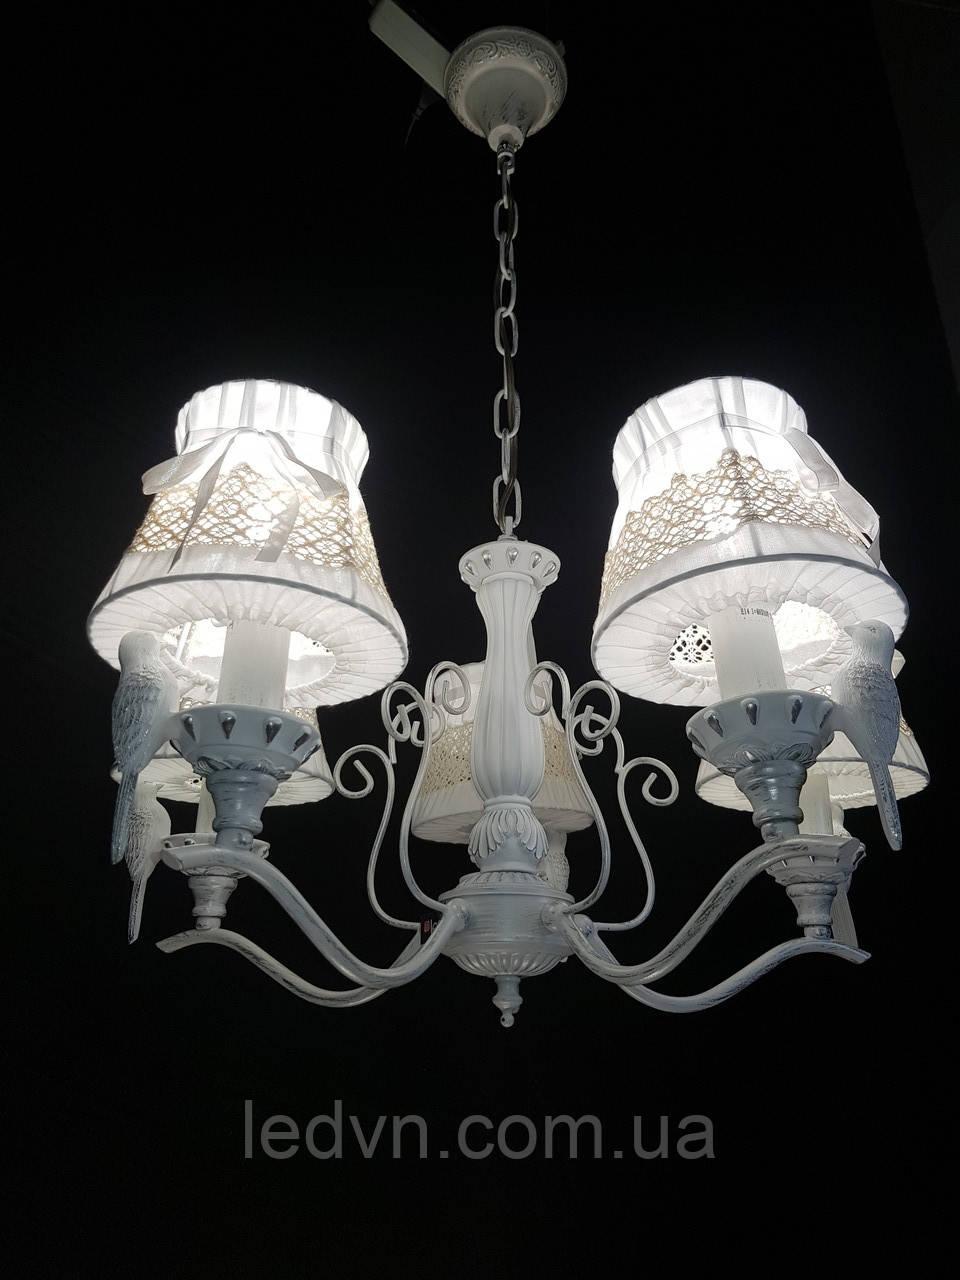 Классическая подвесная люстра с тканевыми абажурами (Птички)На 5 лампочек патина серебро